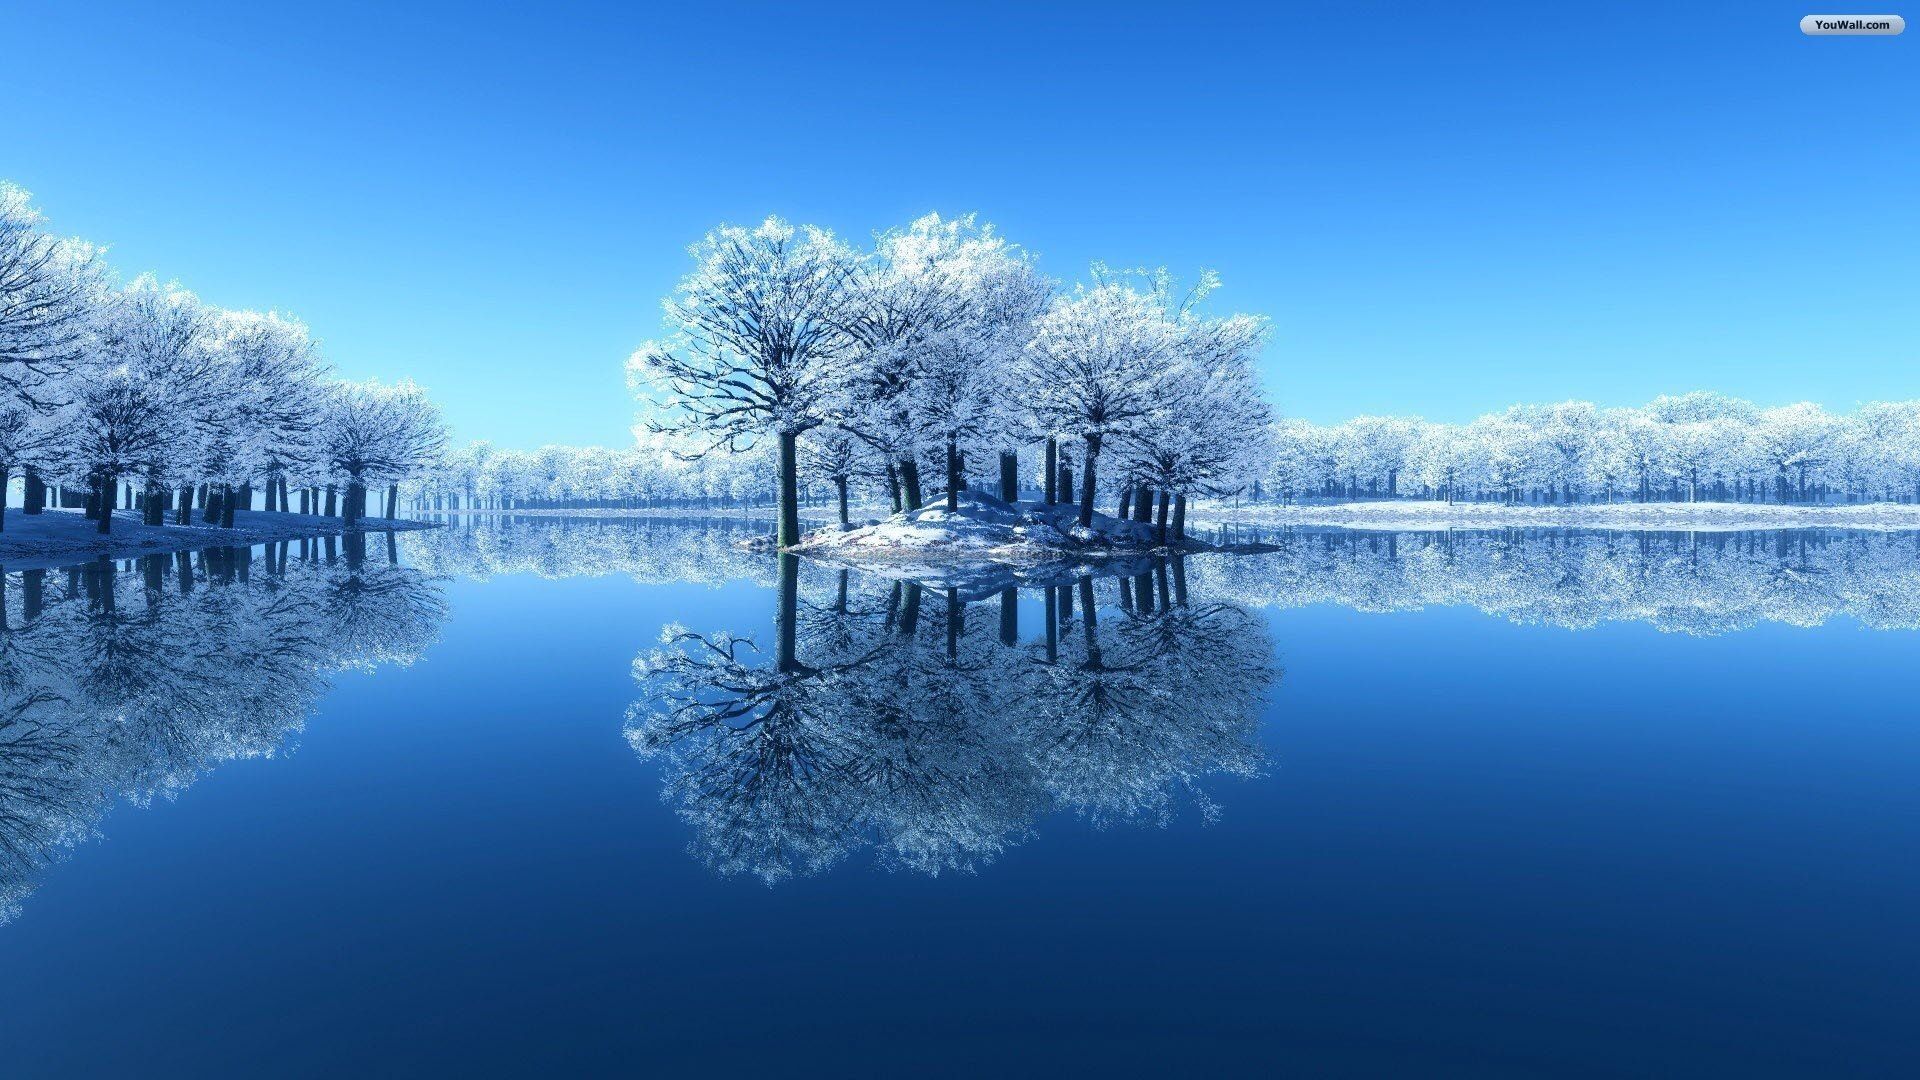 Winter Hd Widescreen Wallpaper 78 Images